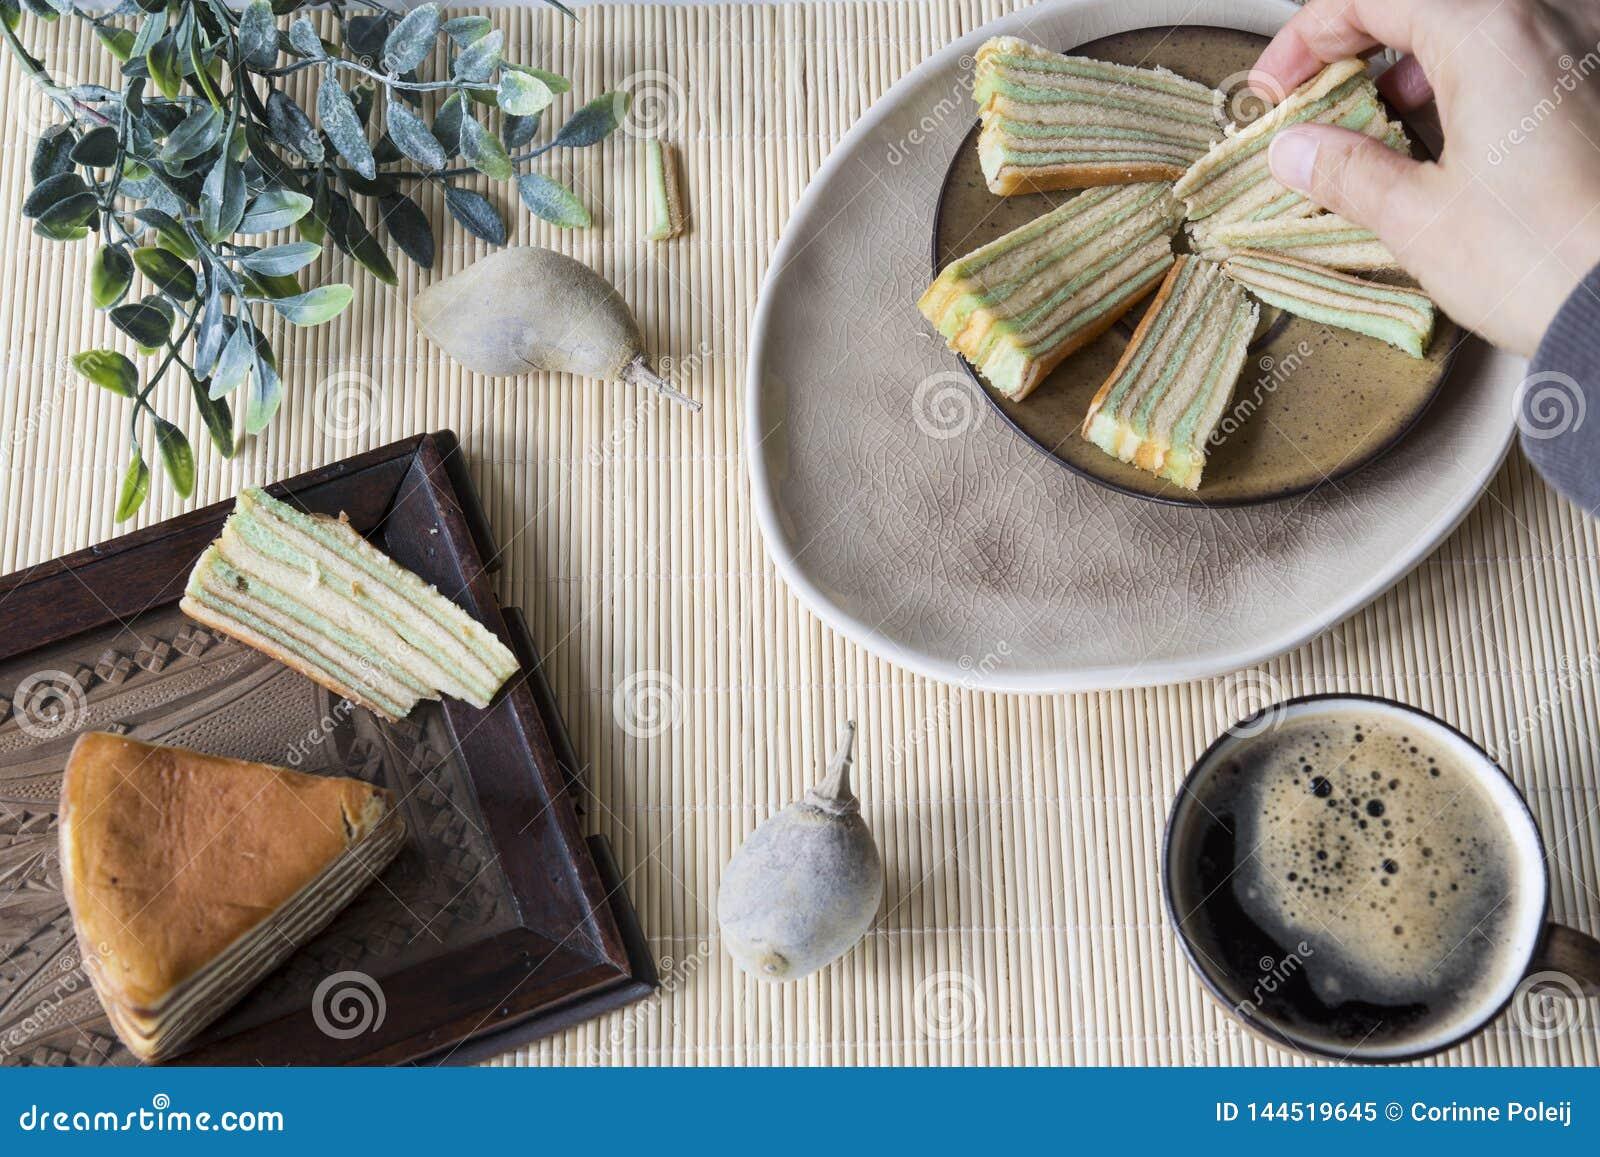 """La mano afferra la fetta di dolce a più strati chiamata """"legit di lapislazzuli """"o """"spekkoek """"dall Indonesia"""